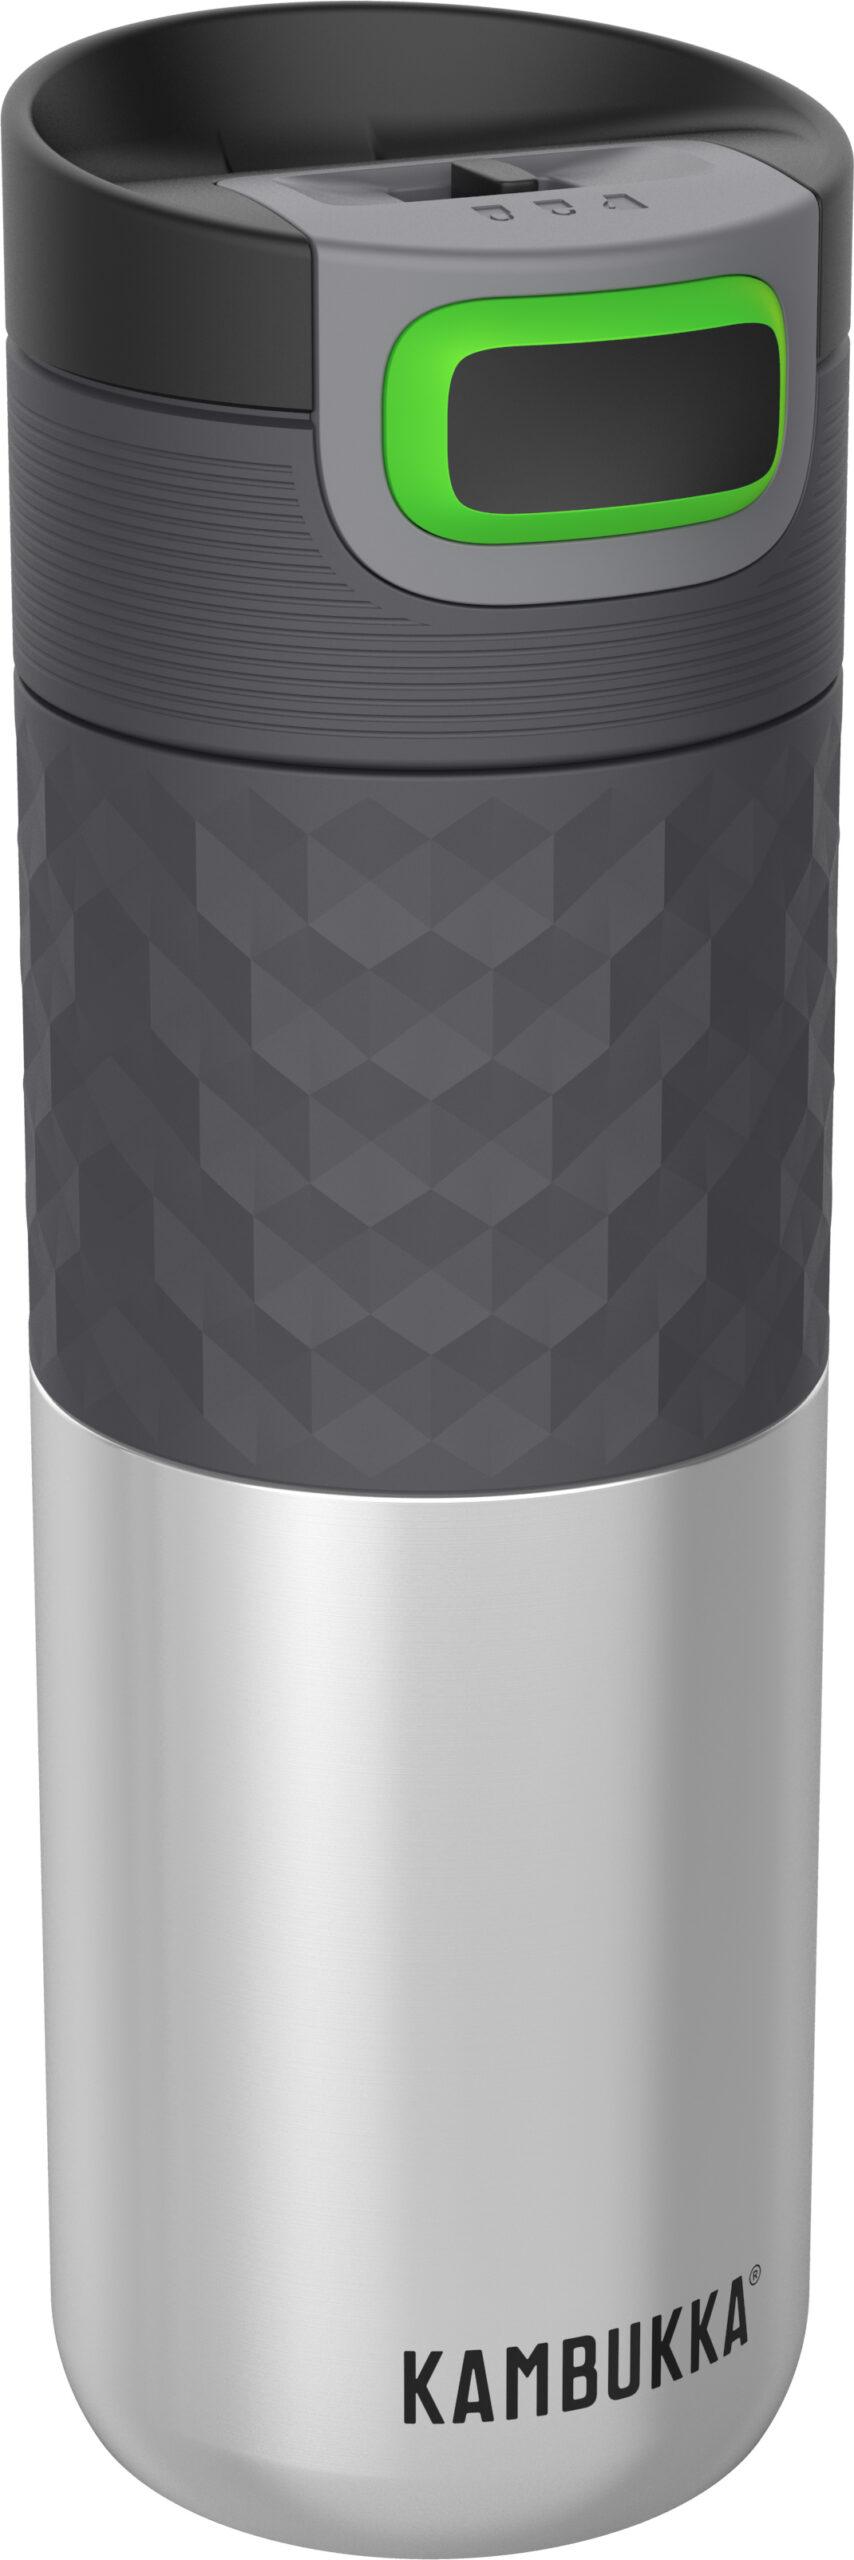 """בקבוק שתיה תרמי כסוף 500 מ""""ל Stainless Steel קמבוקה Kambukka Etna Grip"""